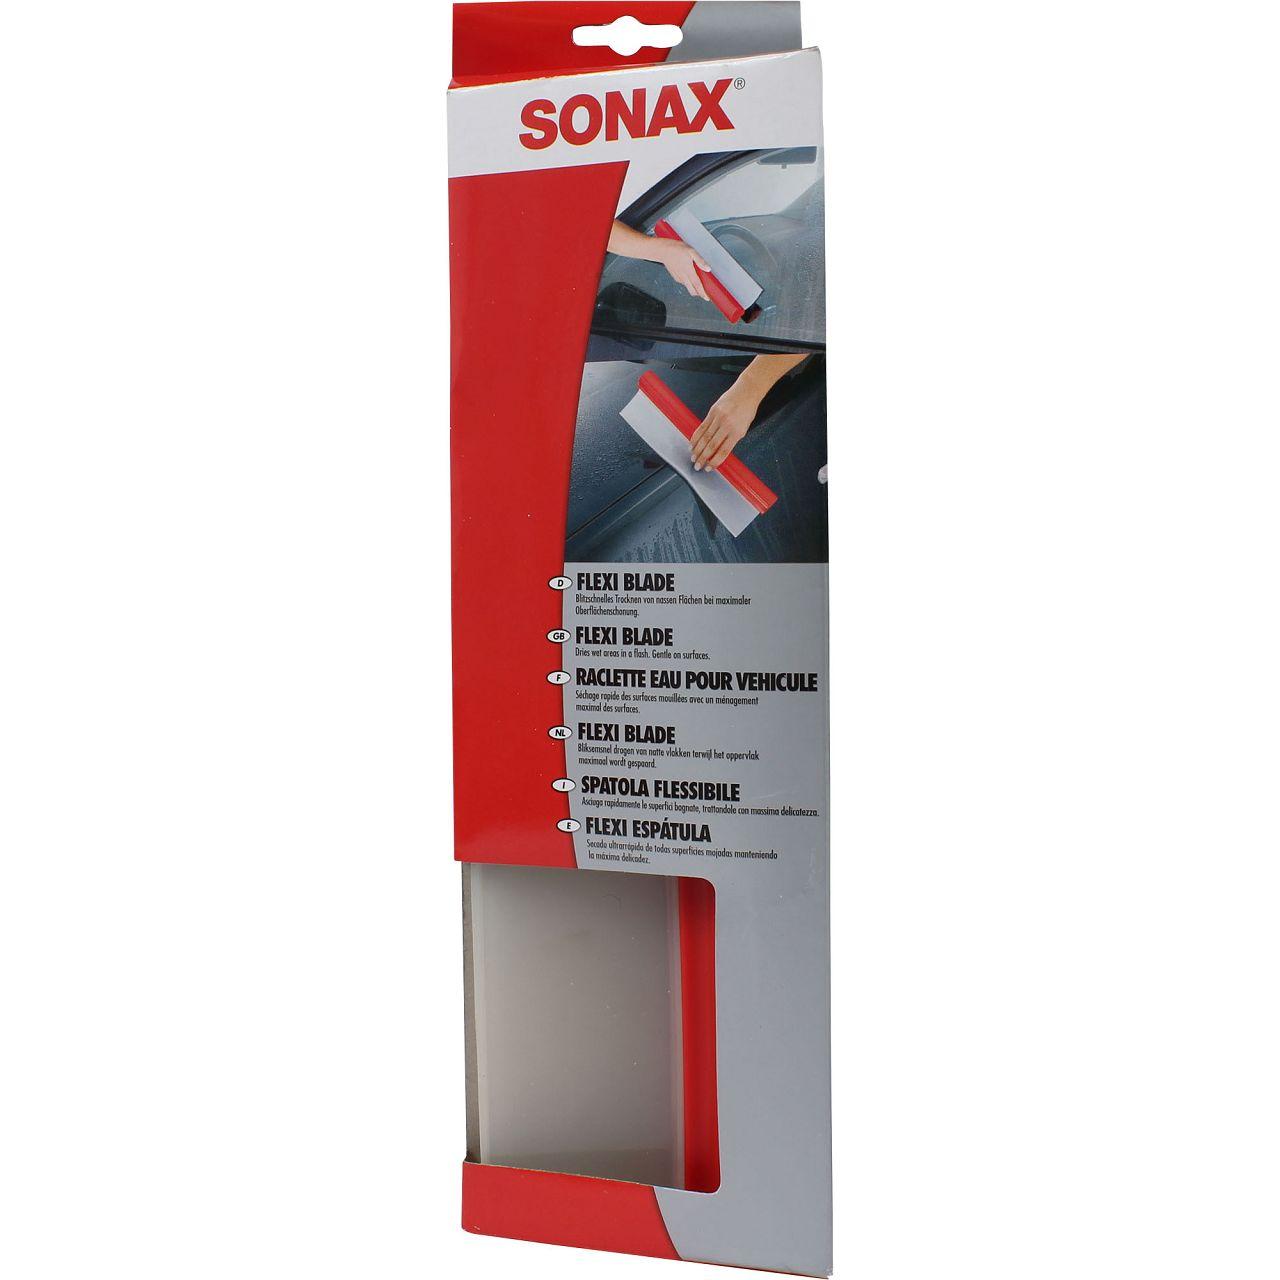 SONAX FlexiBlade Wasserabzieher aus Silikon Flächentrockner 1 Stück 417400